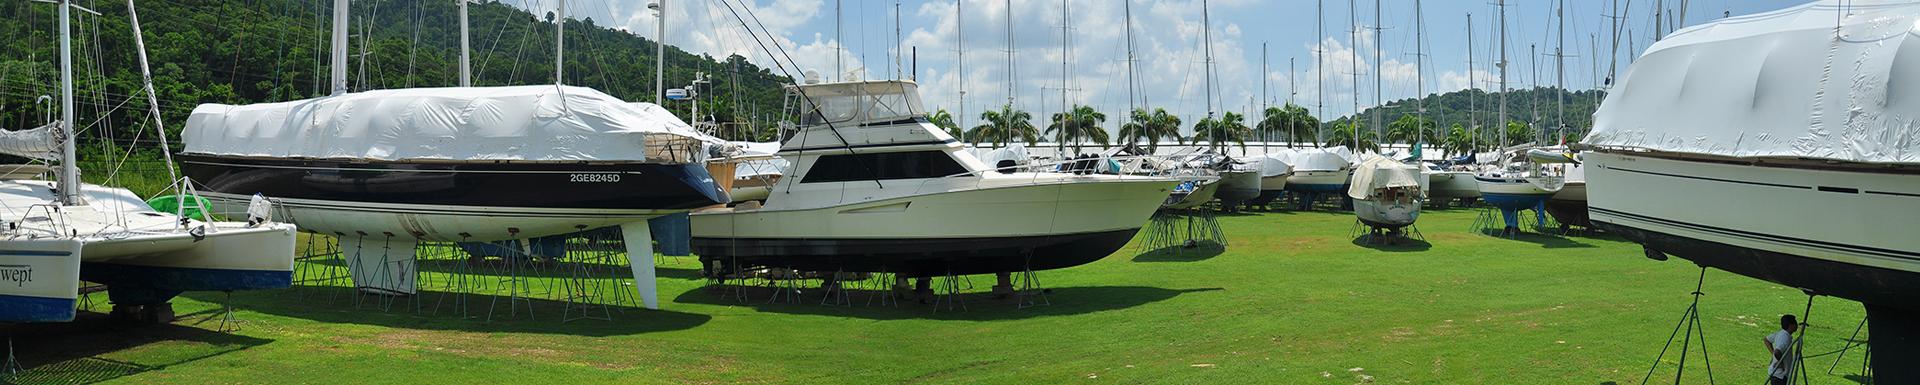 boatyard-services